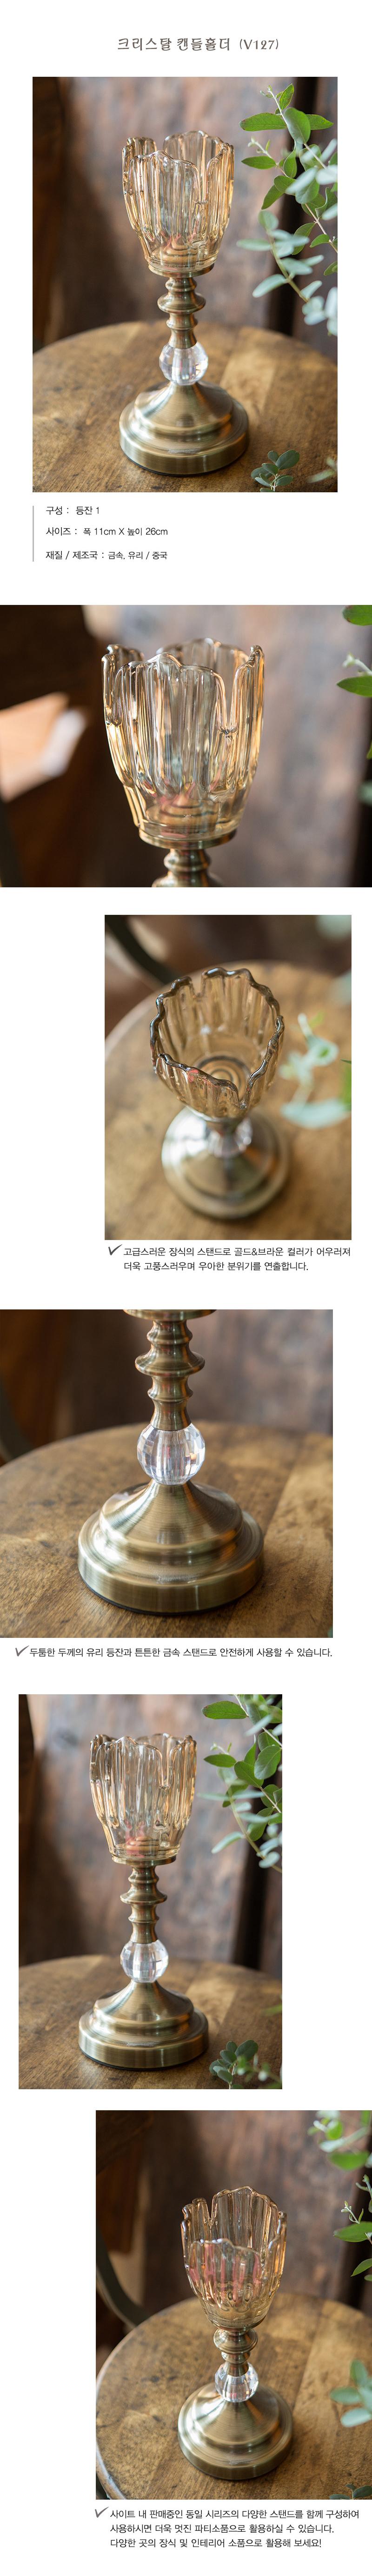 EJV127 꽃잎 유리 캔들 홀더 - 나린아토, 35,000원, 캔들용품, 홀더/촛대